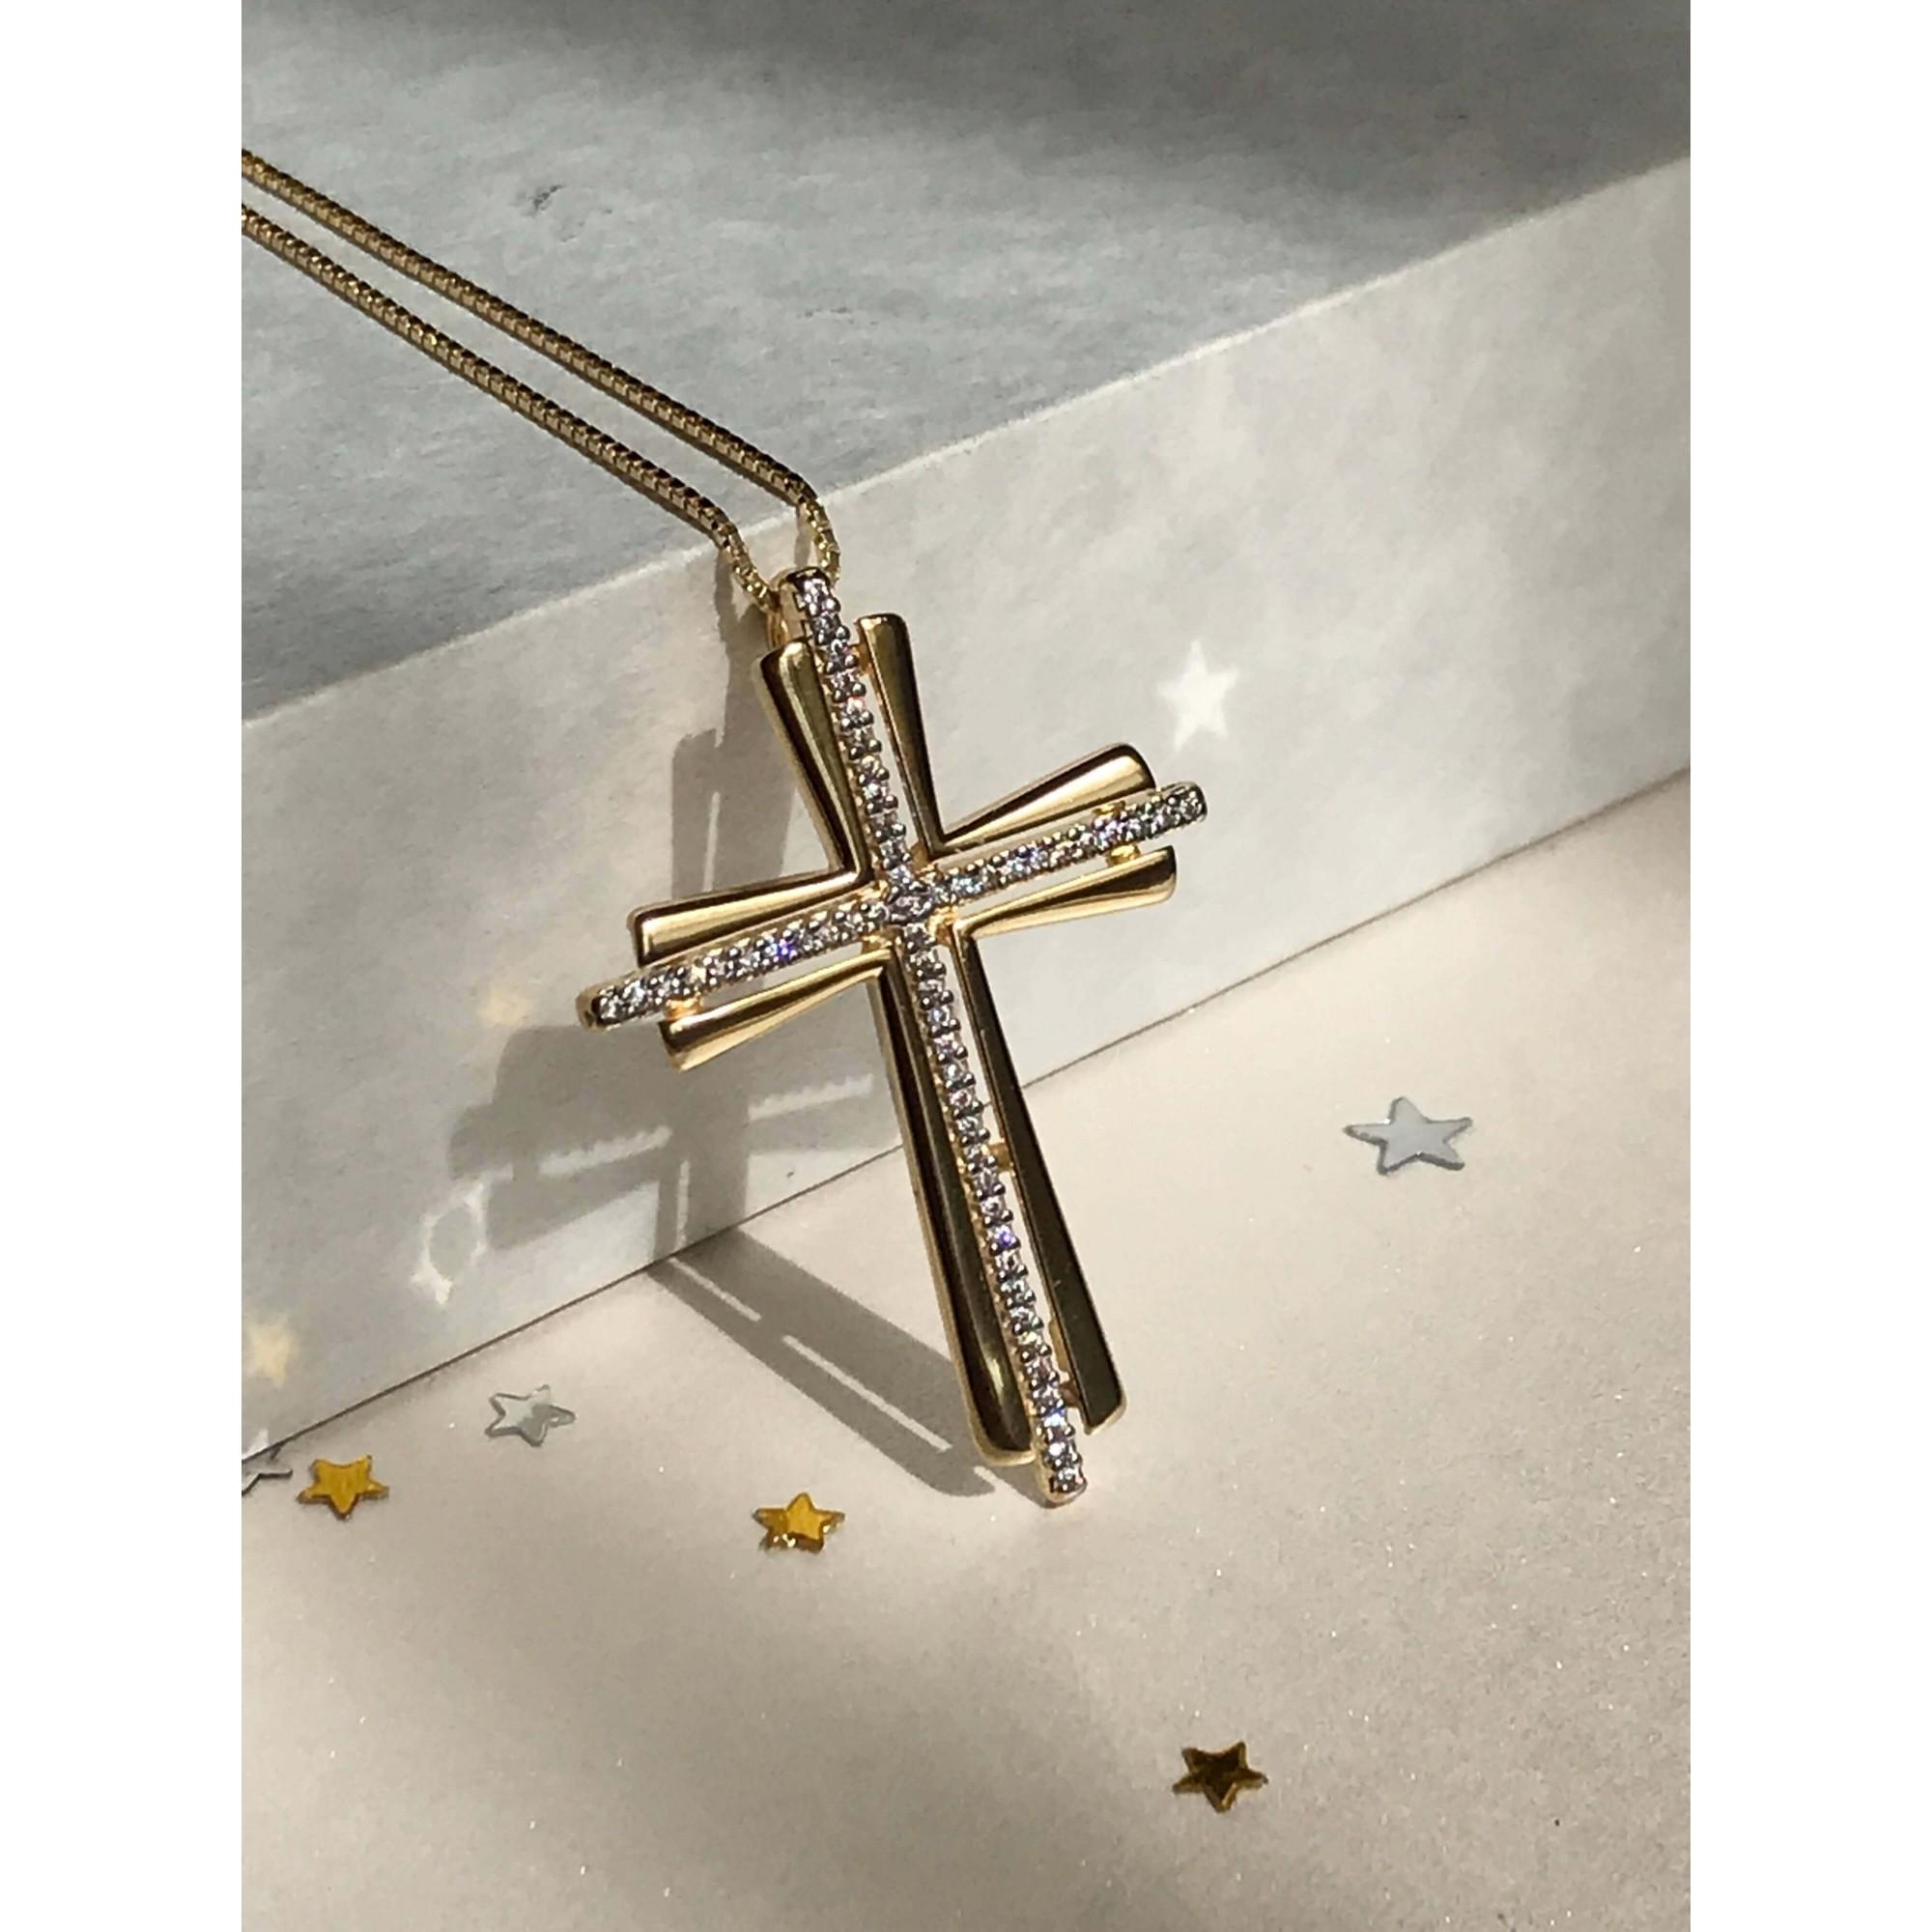 Colar com Crucifixo luxo banhado em ouro 18k com Zirconias